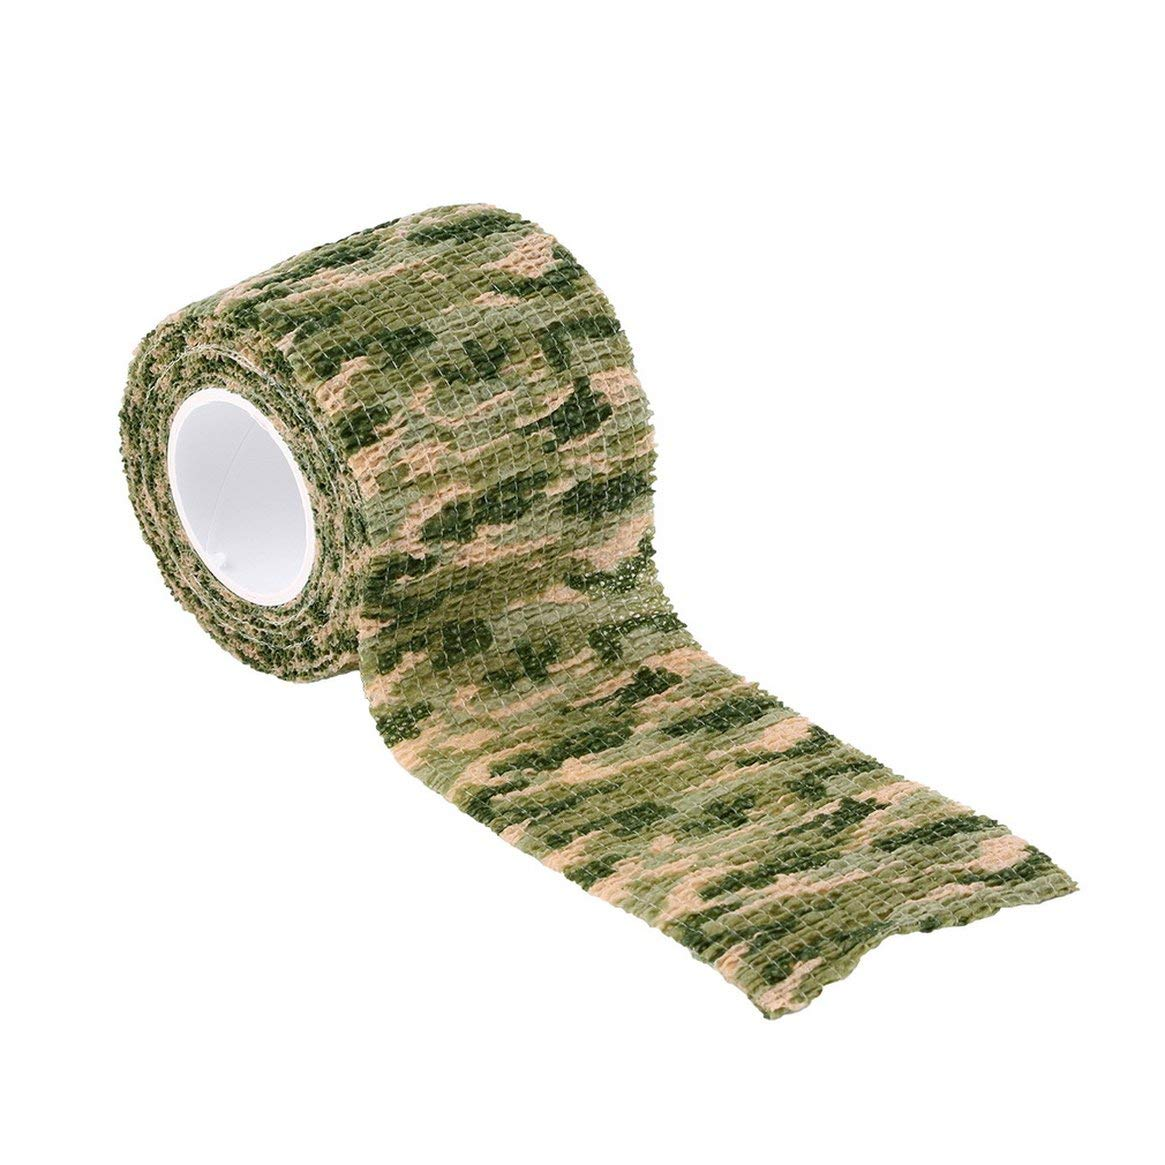 Delicacydex Elastico Camouflage impermeabile Caccia esterna Campeggio Stealth Camo Wrap Tape militare Airsoft Paintball Stretch Bandage